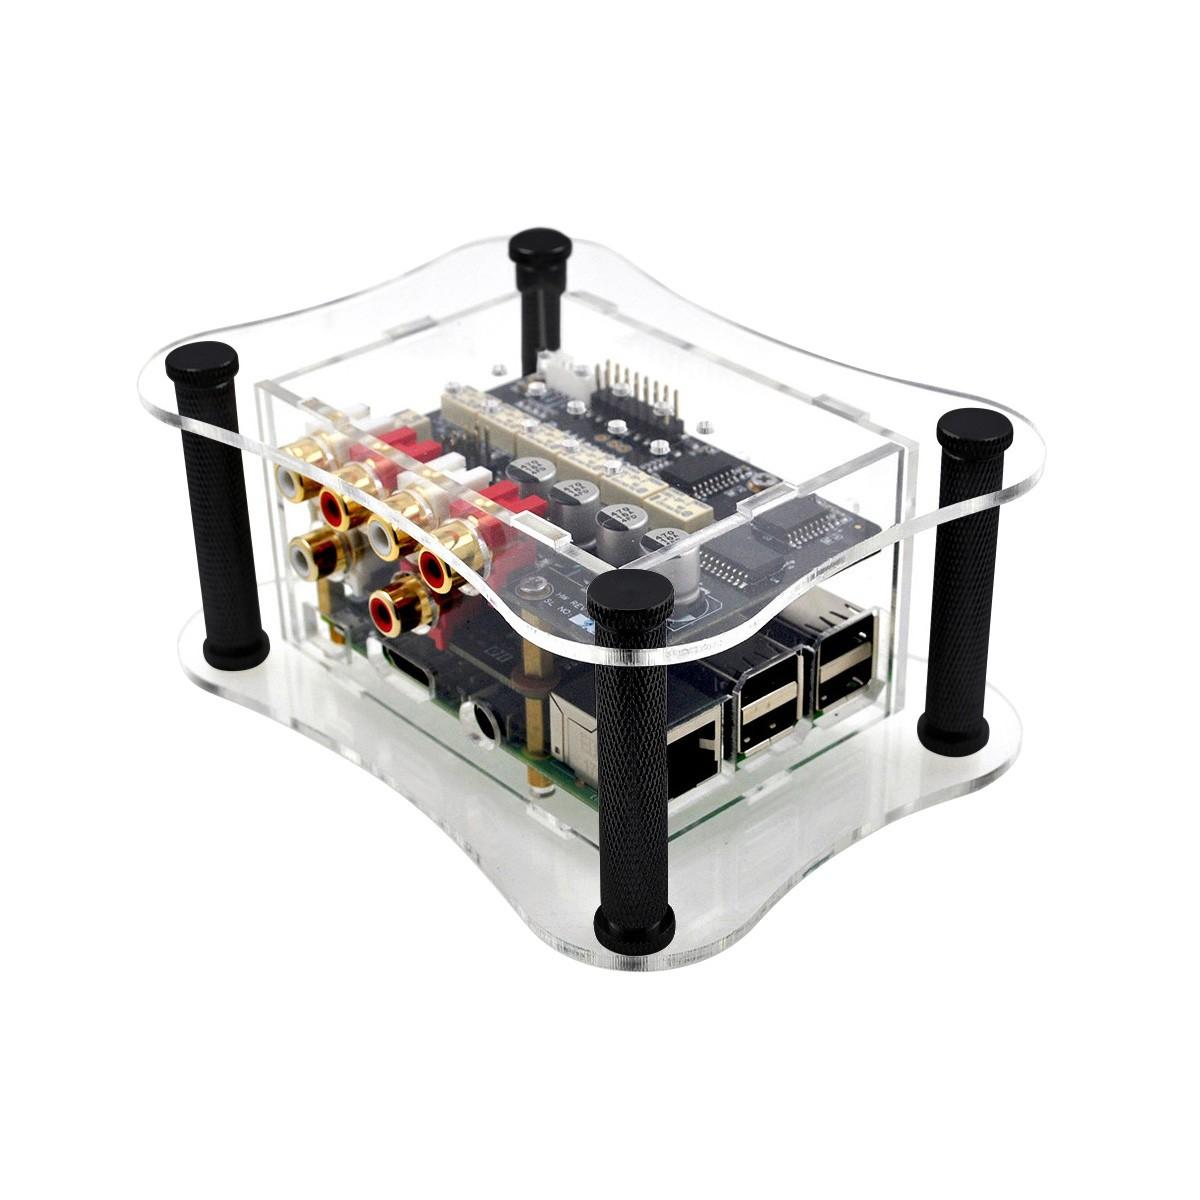 ALLO Acrylic Case for Allo Boss DAC + Allo Relay Attenuator + Raspberry Pi 3 Transparent